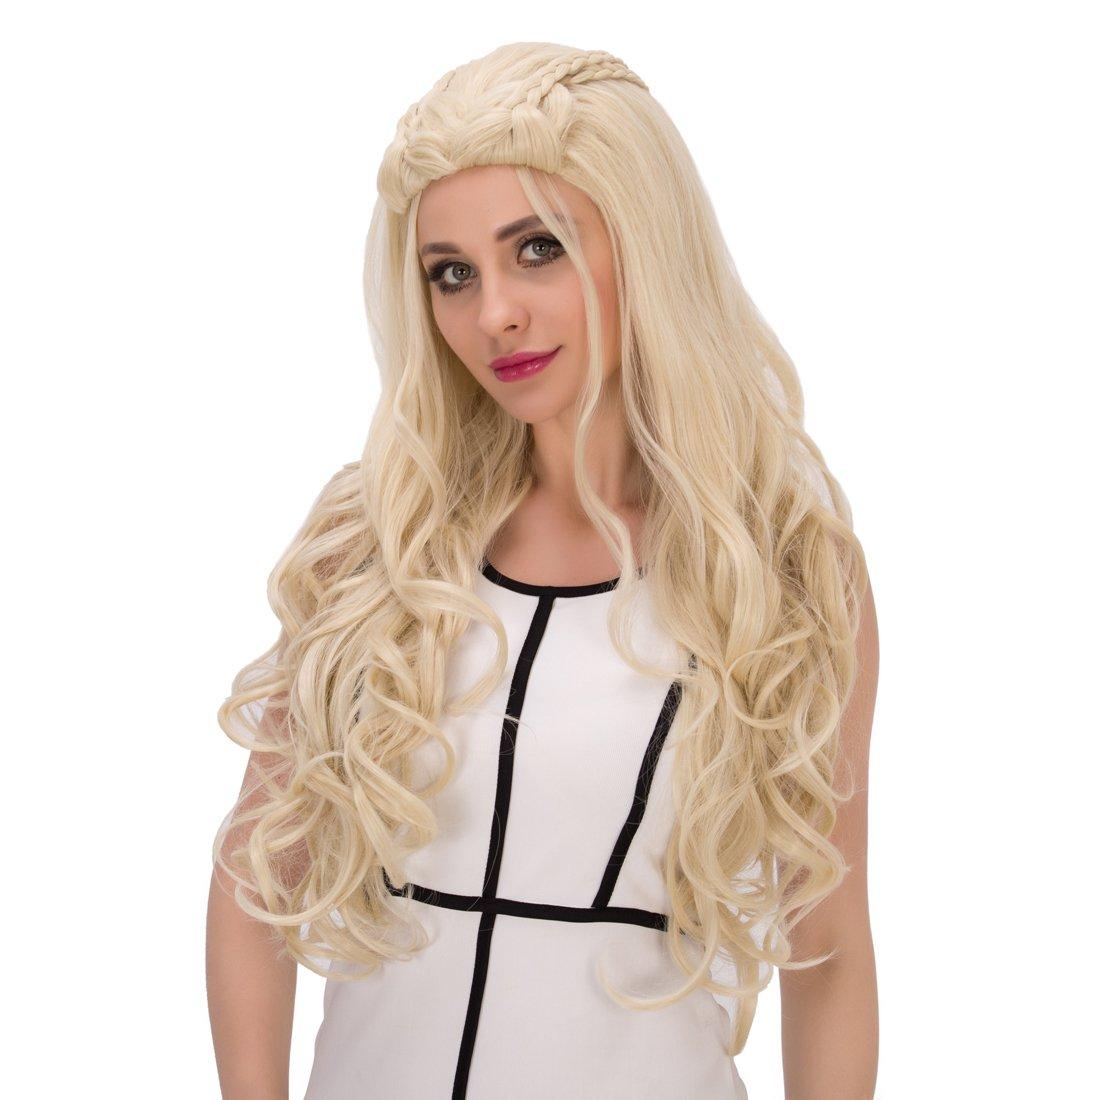 Amback largo rizado trenzado estilo Cosplay peluca rubia para Daenerys Targaryen Khaleesi: Amazon.es: Belleza